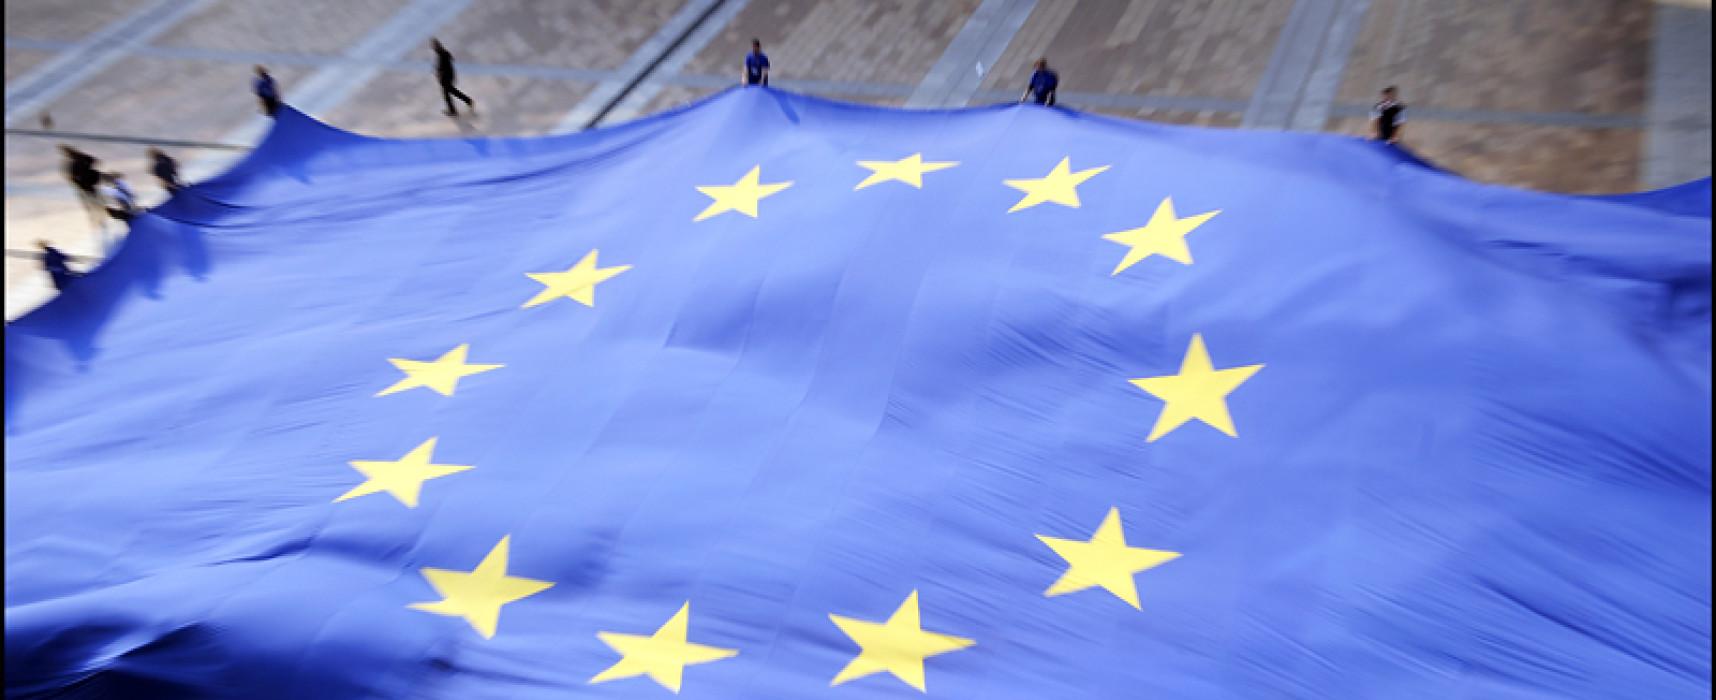 Tirocini al Parlamento Europeo per persone con disabilità